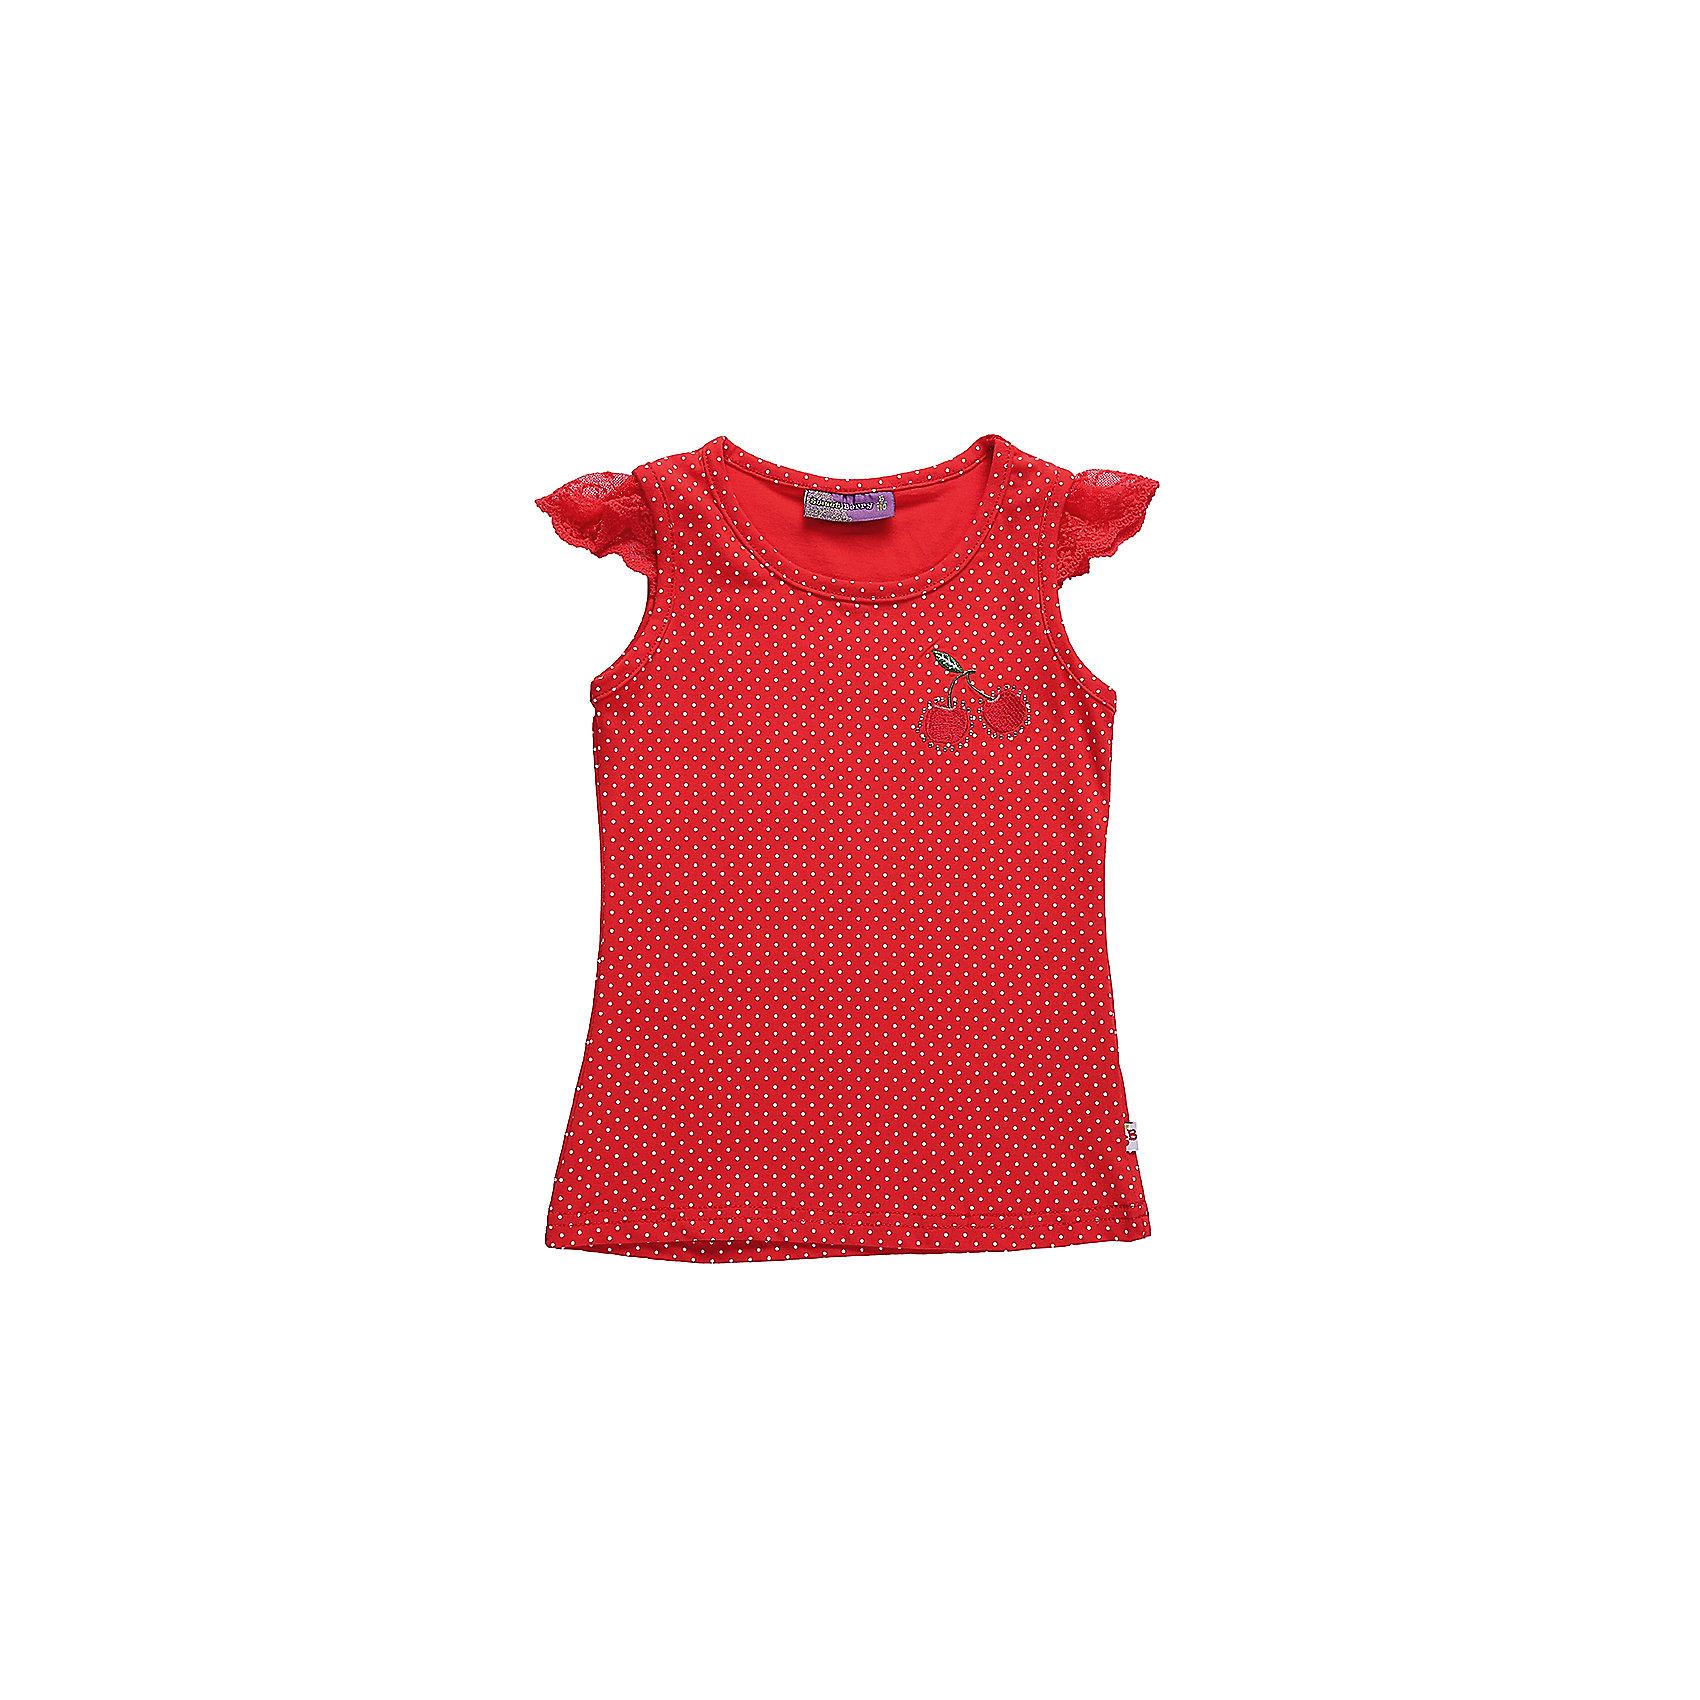 Майка для девочки Sweet BerryФутболки, поло и топы<br>Трикотажная майка-топиз принтованной ткани для девочки.Рукава-крылышки сделаны из мягкого кружева, низ изделия декорирован яркой вышивкой.<br>Состав:<br>95%хлопок 5%эластан<br><br>Ширина мм: 199<br>Глубина мм: 10<br>Высота мм: 161<br>Вес г: 151<br>Цвет: красный<br>Возраст от месяцев: 24<br>Возраст до месяцев: 36<br>Пол: Женский<br>Возраст: Детский<br>Размер: 98,104,128,122,116,110<br>SKU: 5410024